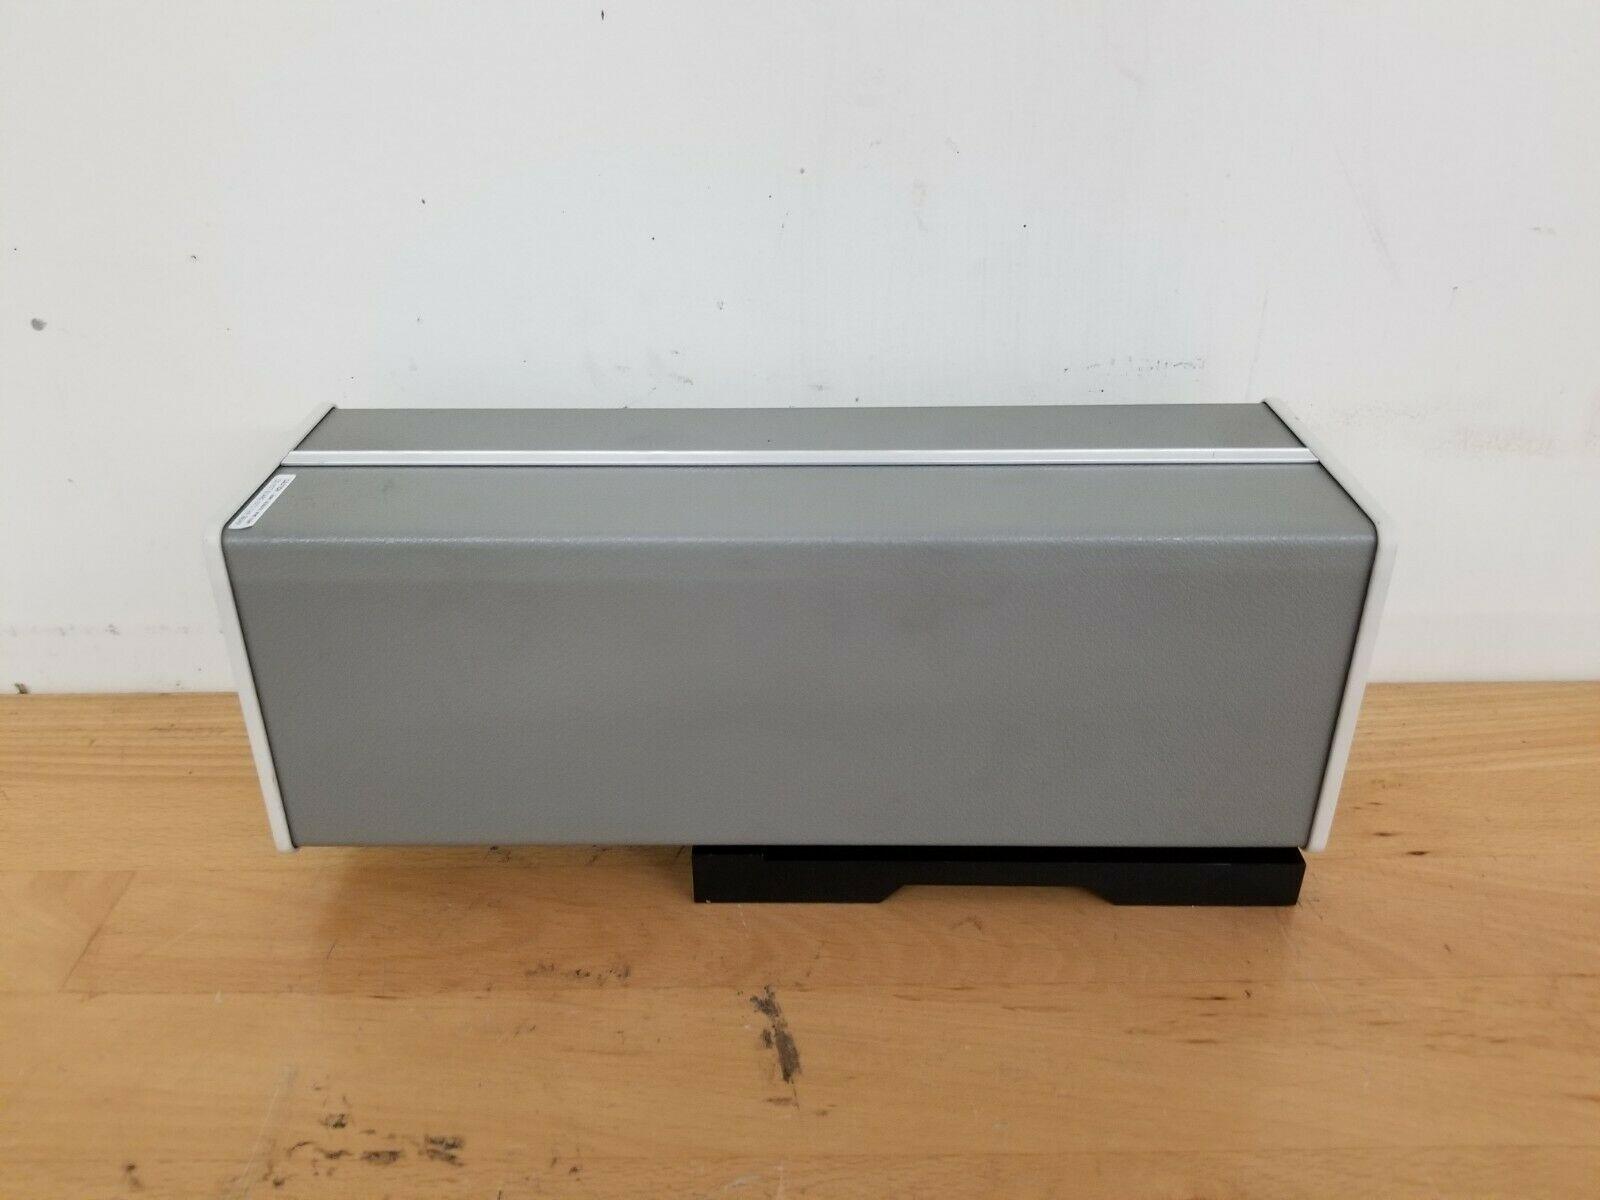 Lot 21A - HP 5517C HeNe Laser Head